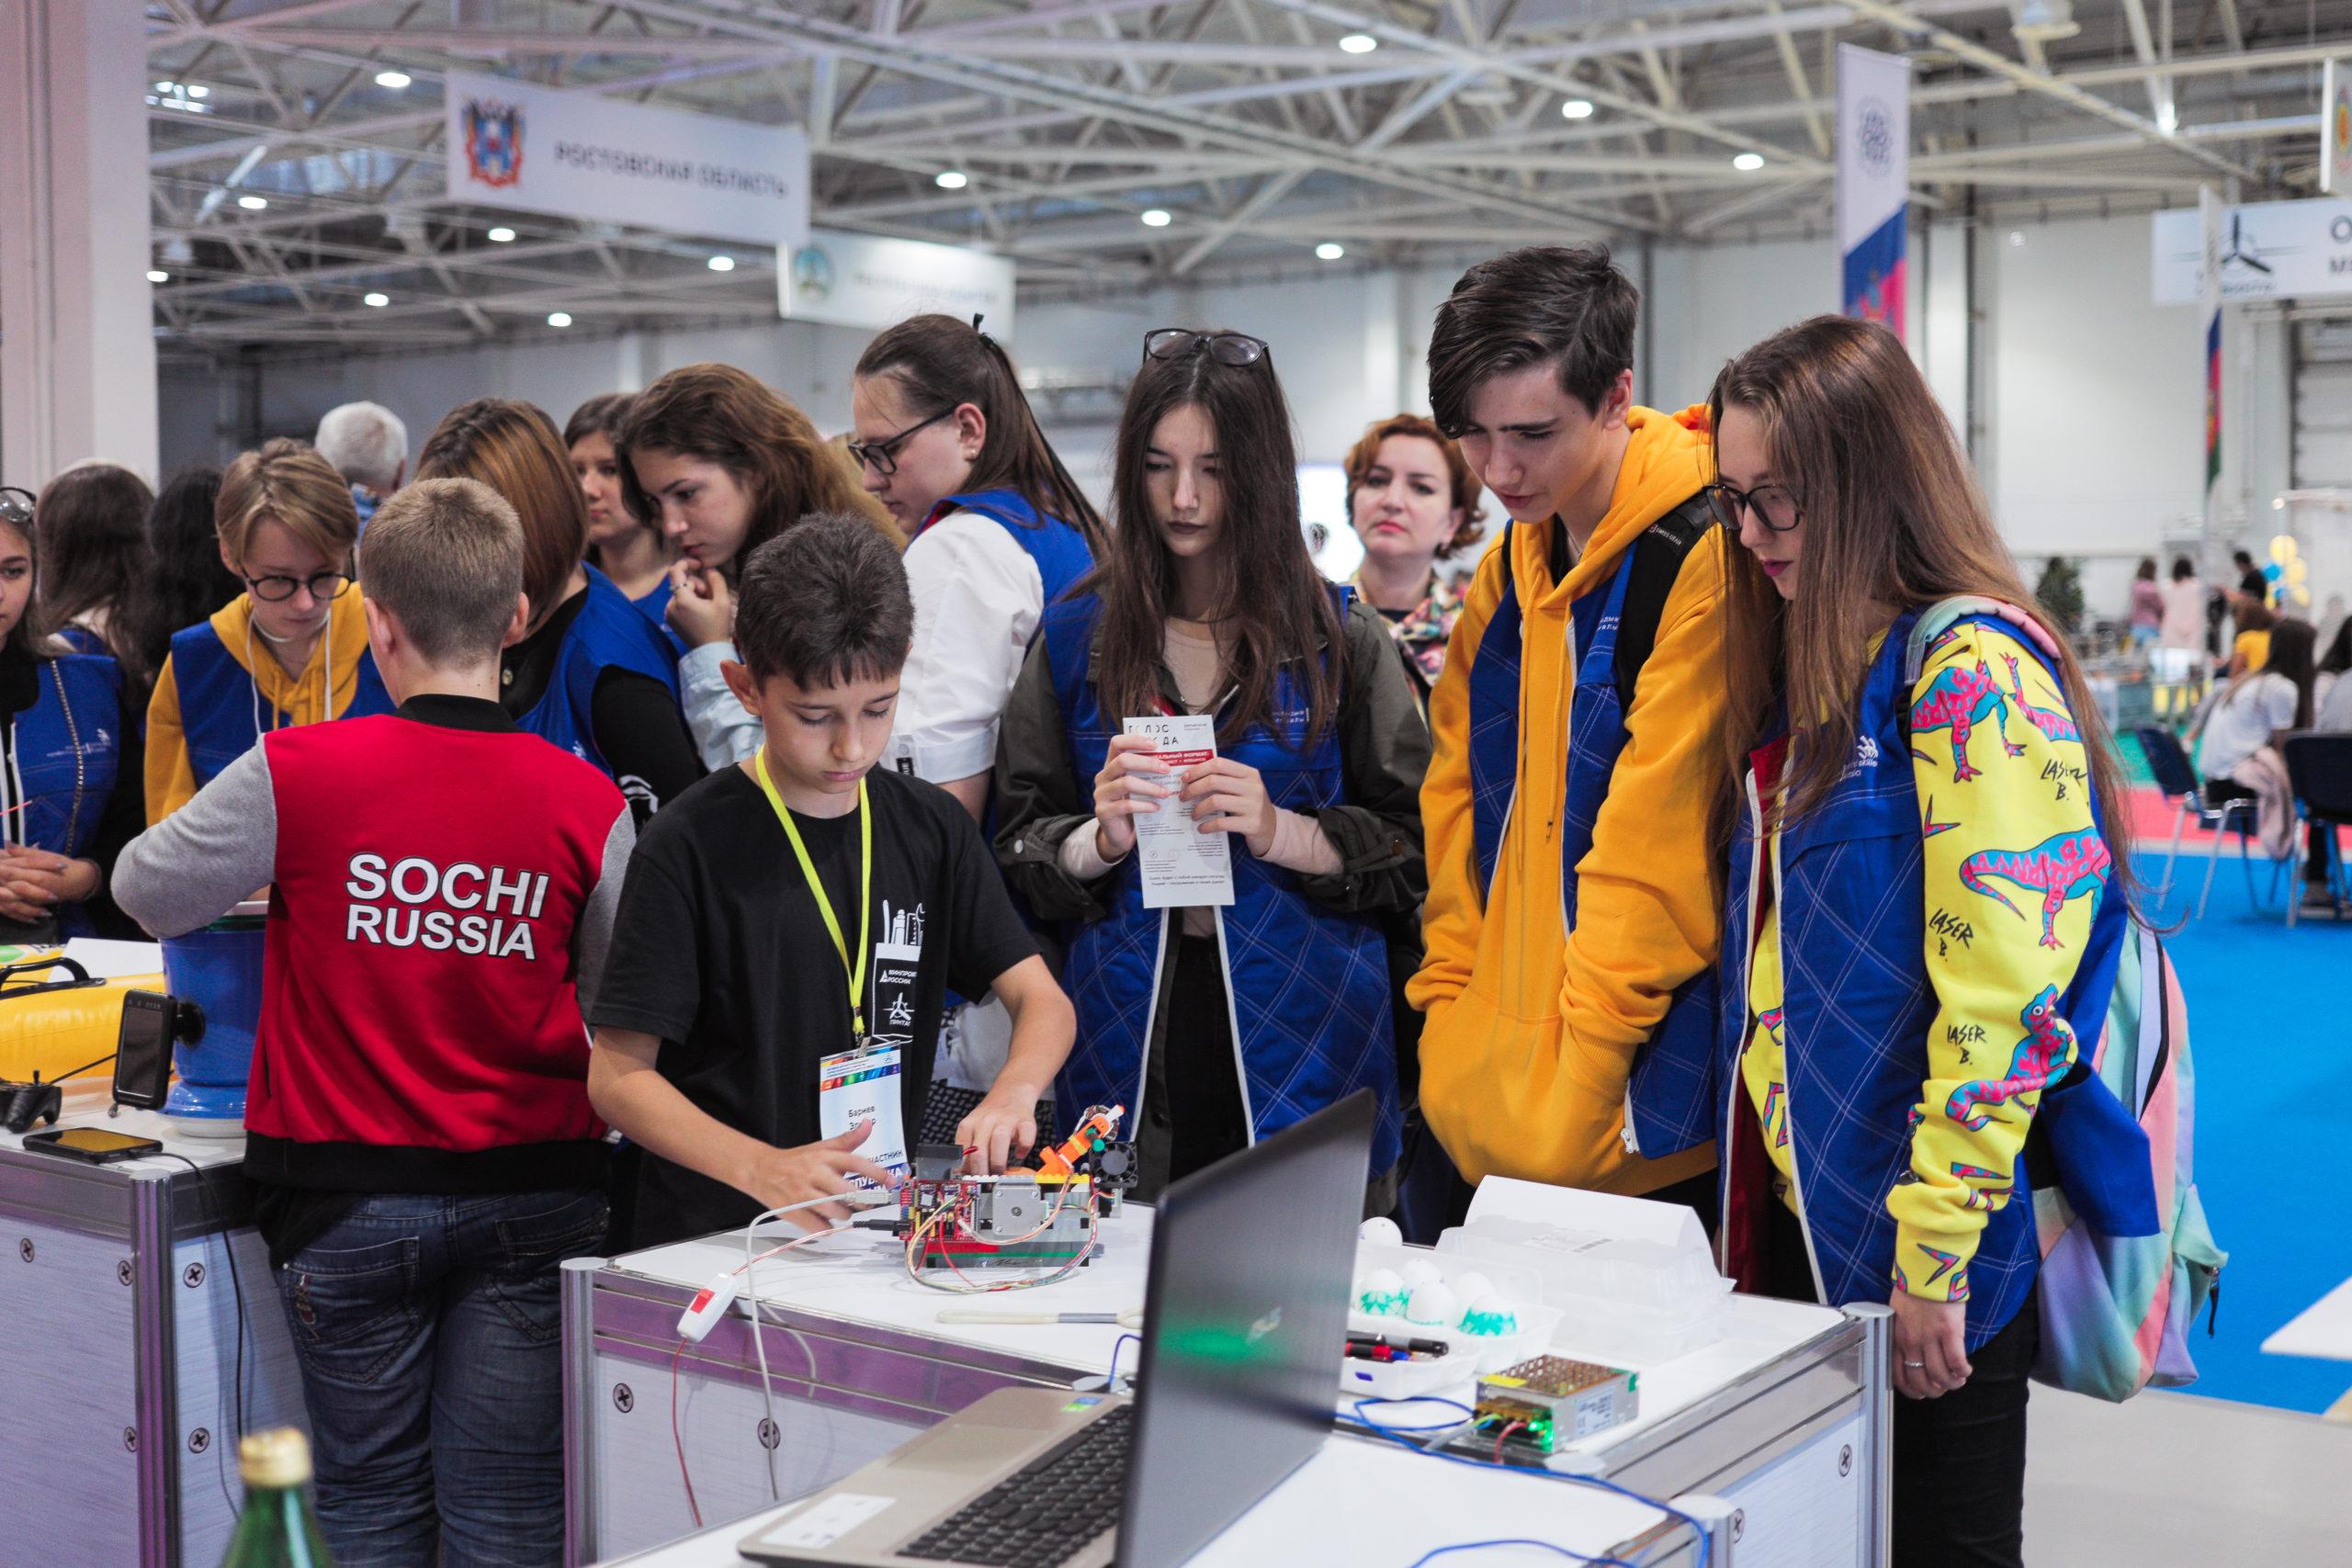 Технофорум «От винта!» — 2021 соберет молодежную технологическую элиту России